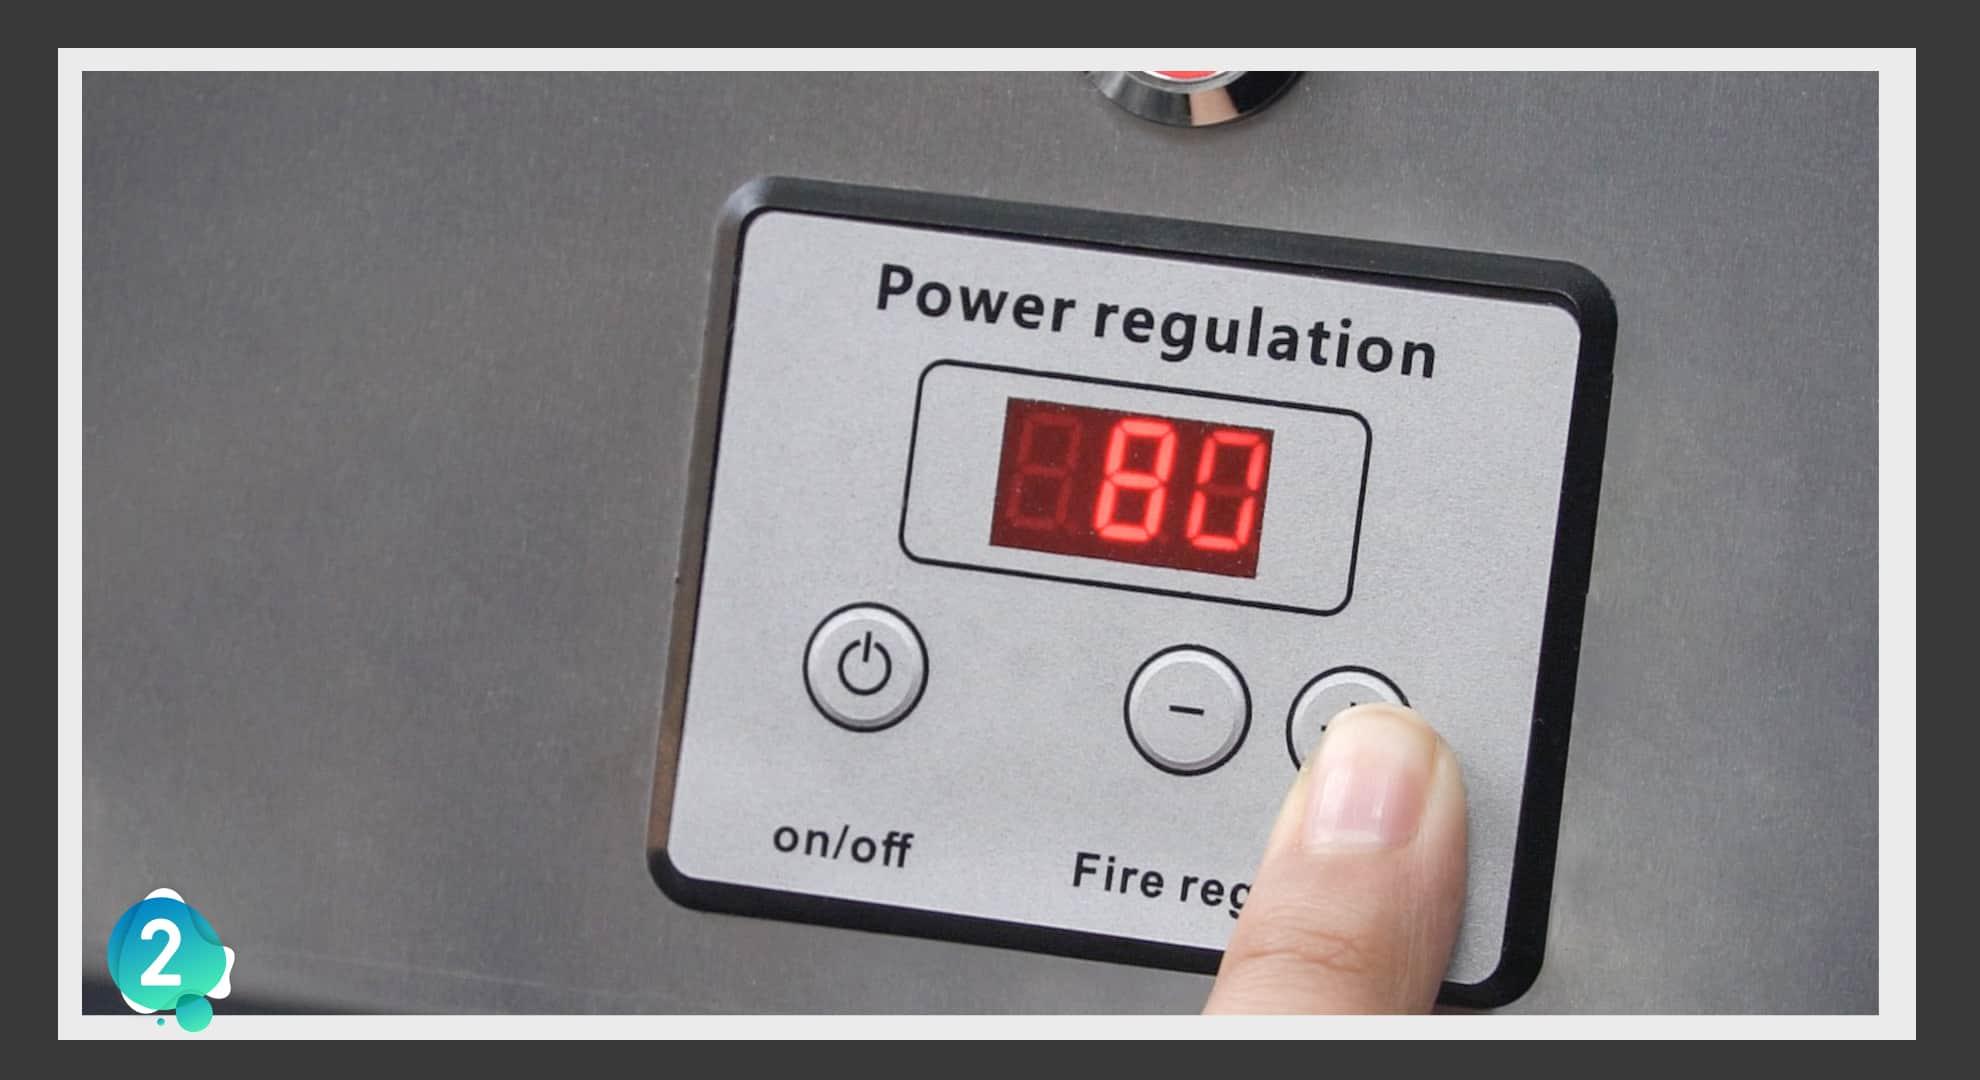 เตาปิ้งไฟฟ้า-GM-IE-ขั้นตอน2